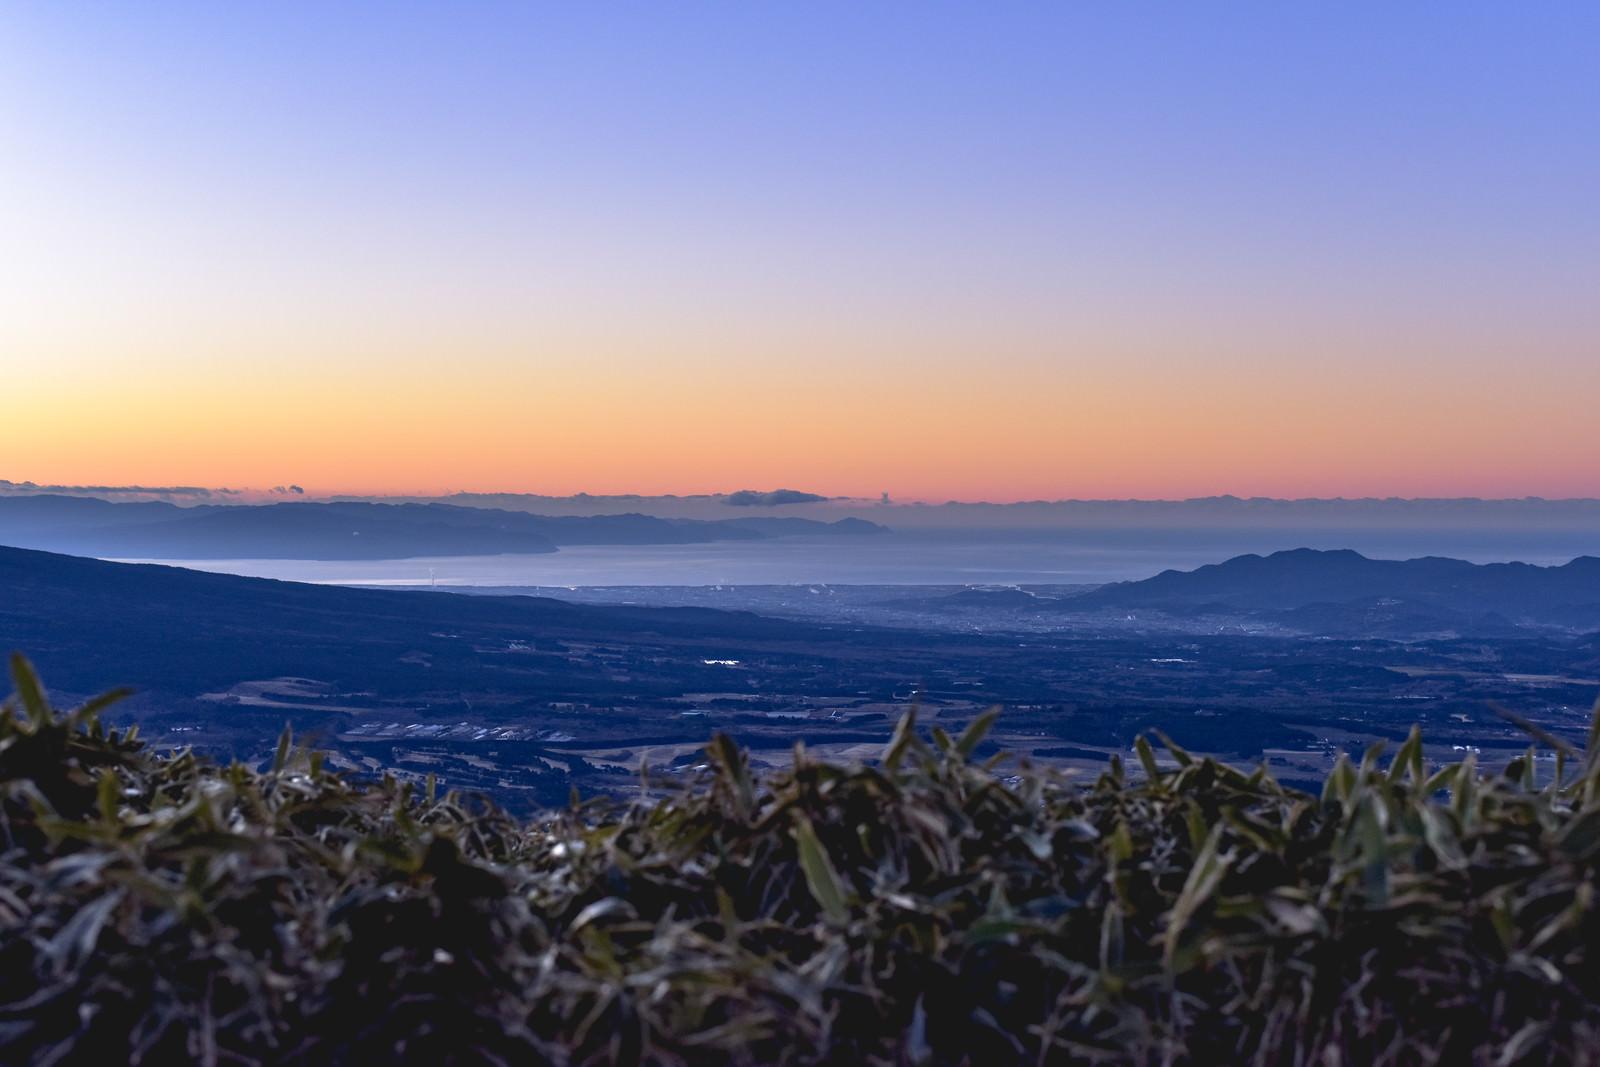 「竜ヶ岳から見る夜明けの駿河湾の街」の写真